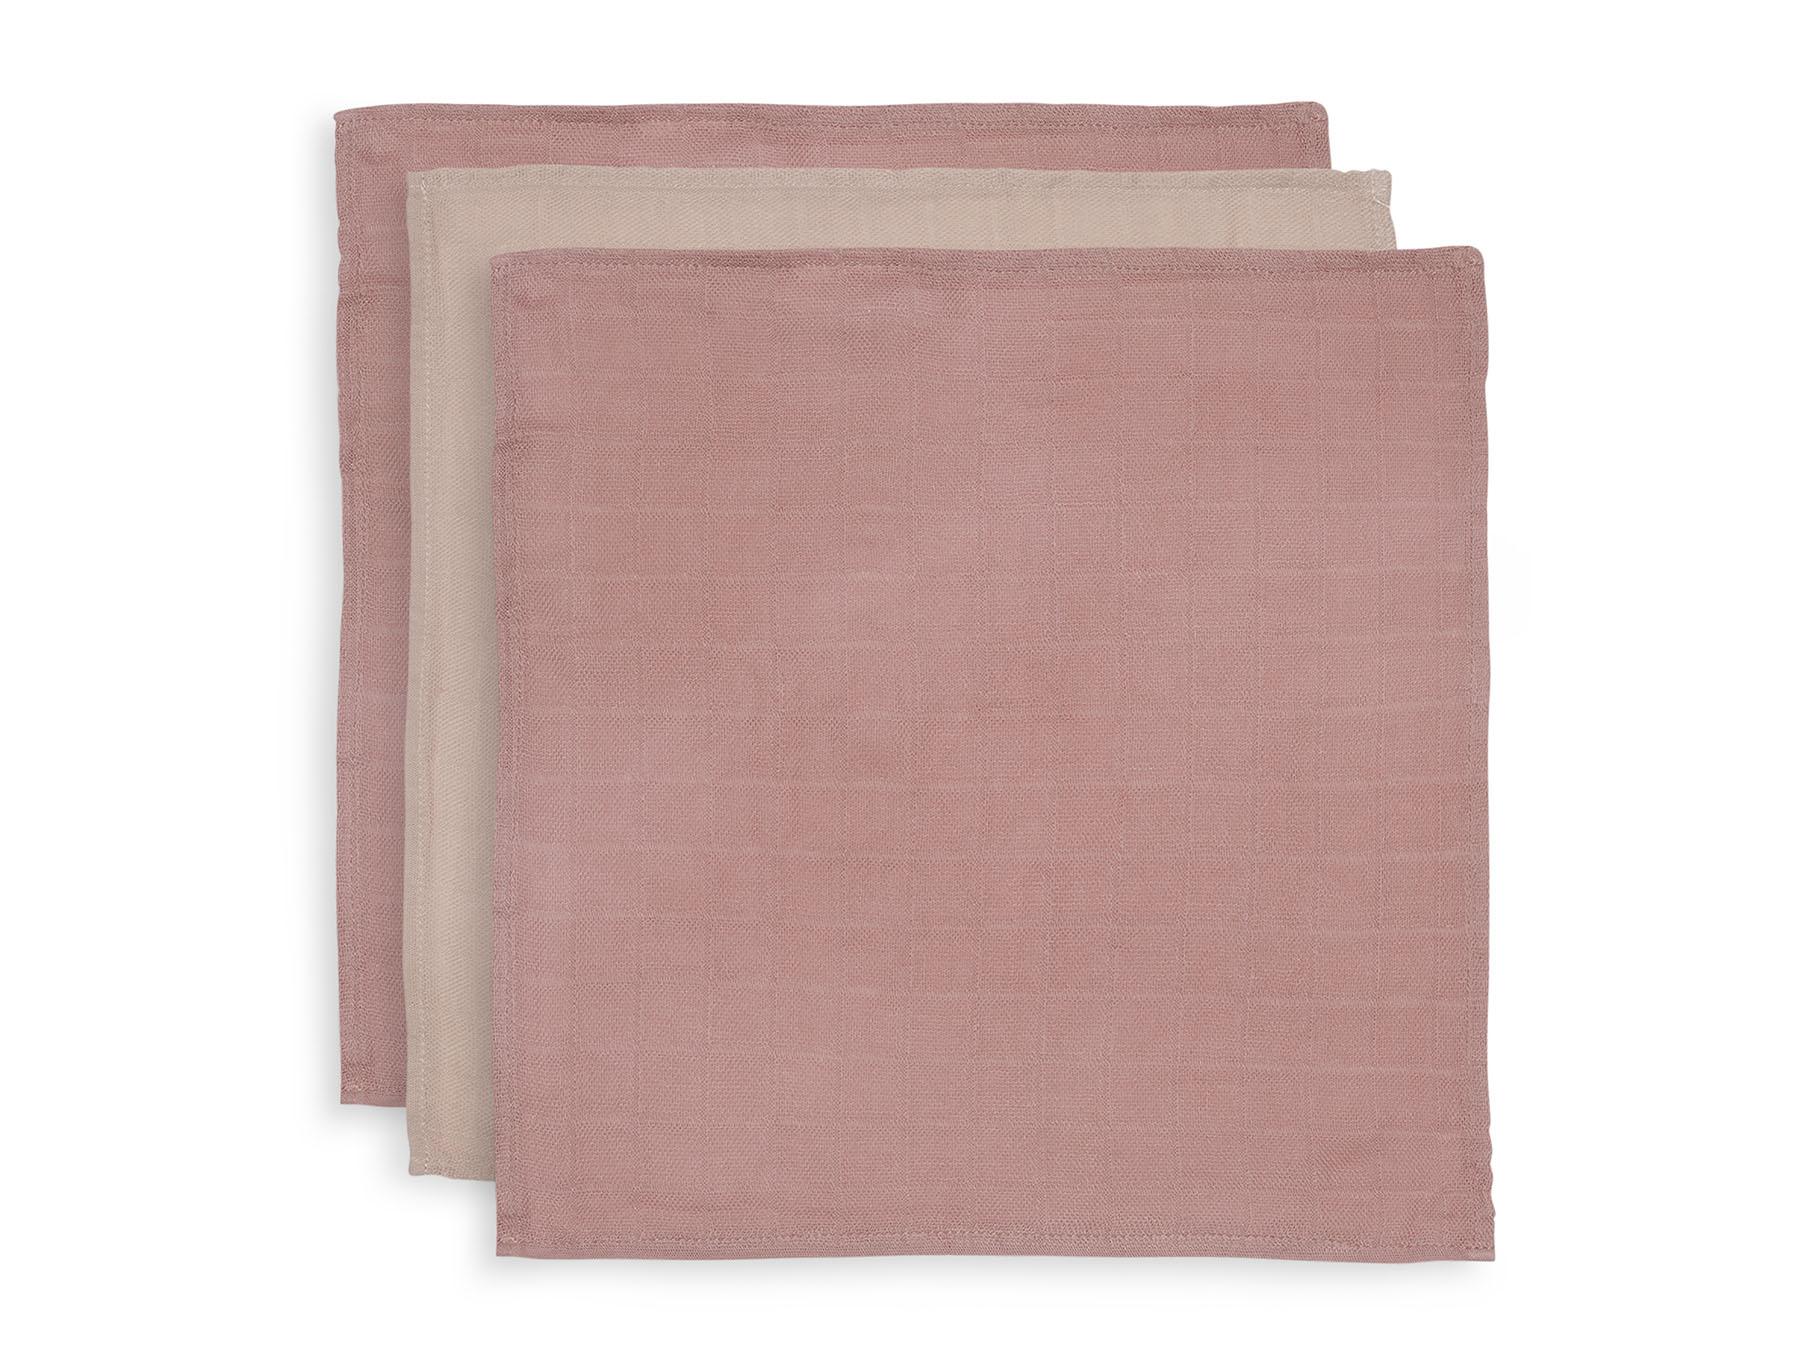 Spucktücher Mundtücher Bambus 3er Set rosa (Gr. 31x31 cm)